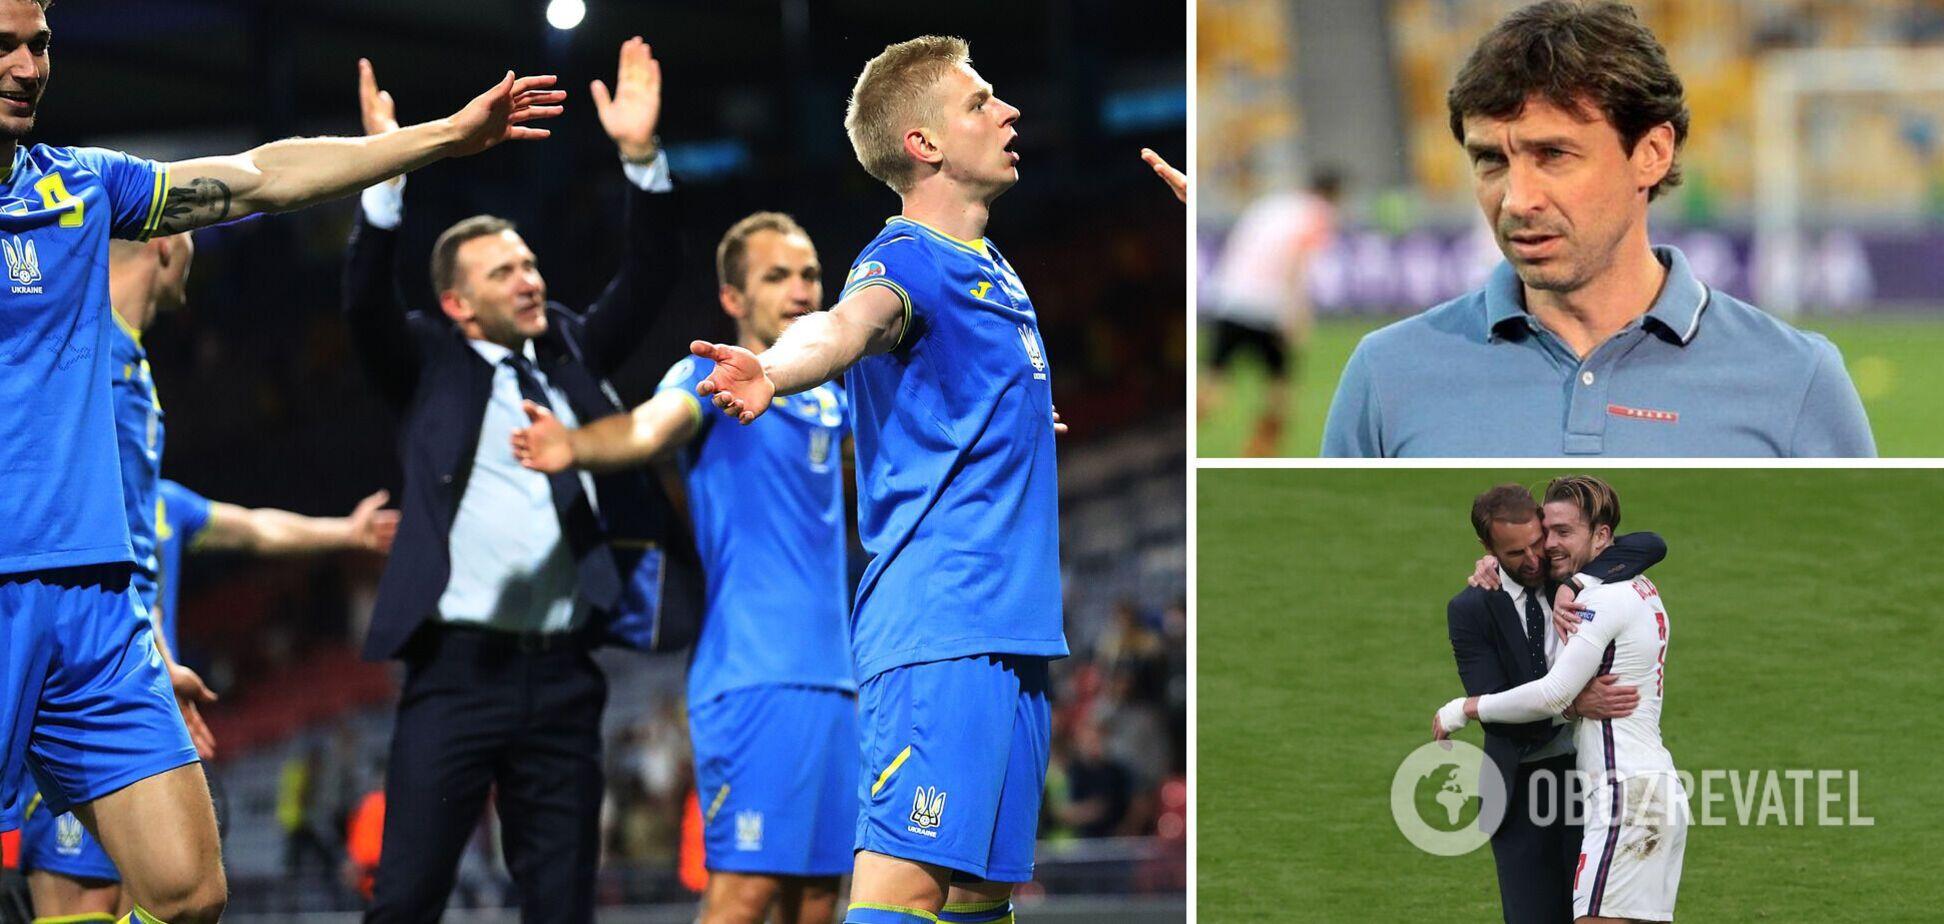 Англія буде атакувати: легенда 'Динамо' назвав умову успіху України у чвертьфіналі Євро-2020